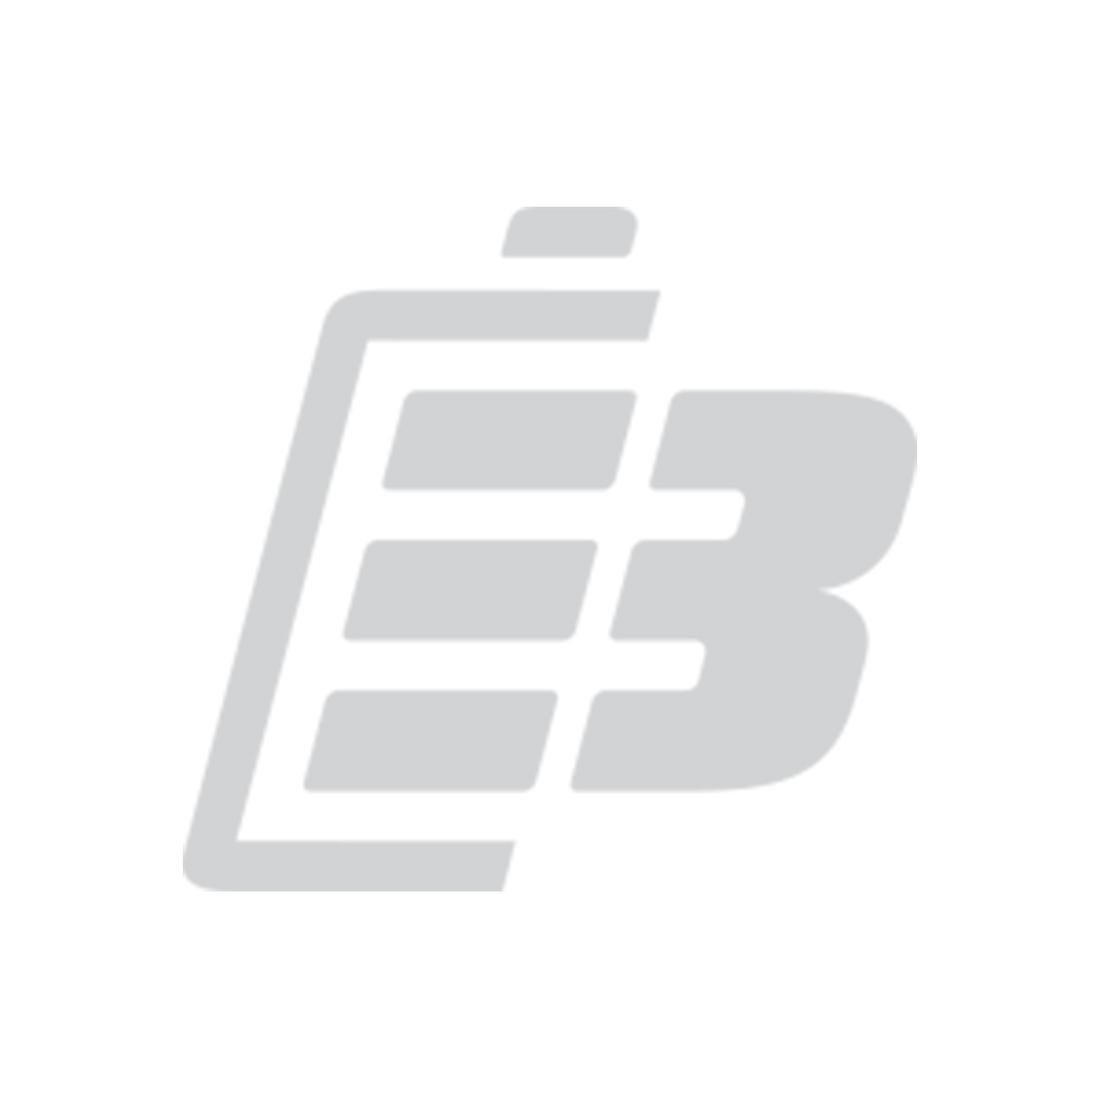 Μπαταρία GPS Mitac Mio H610_1